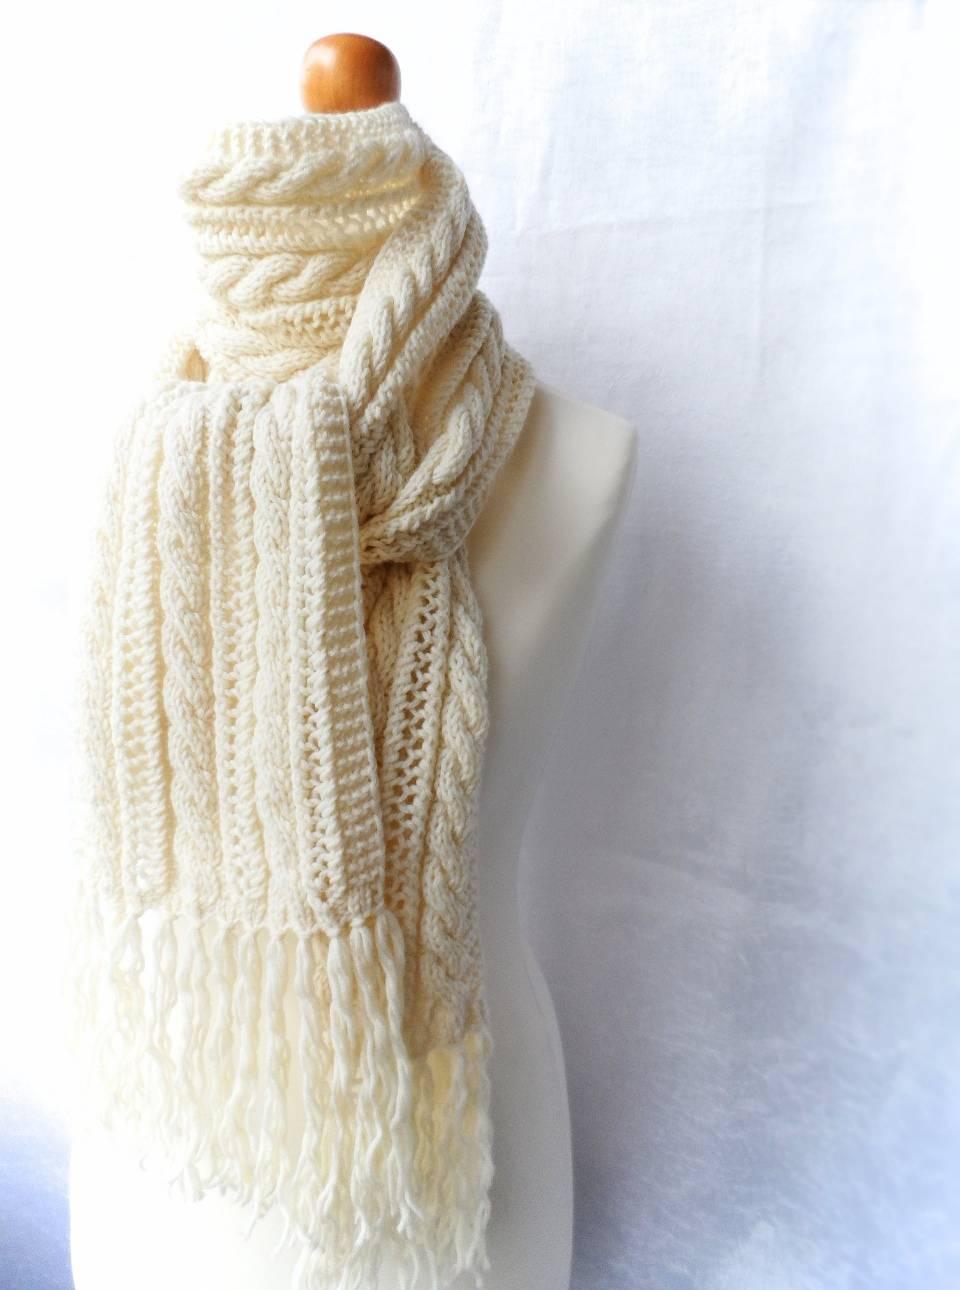 Шарф резинкой спицами, подборка схем и описаний для вязания шарфов, вязание для женщин